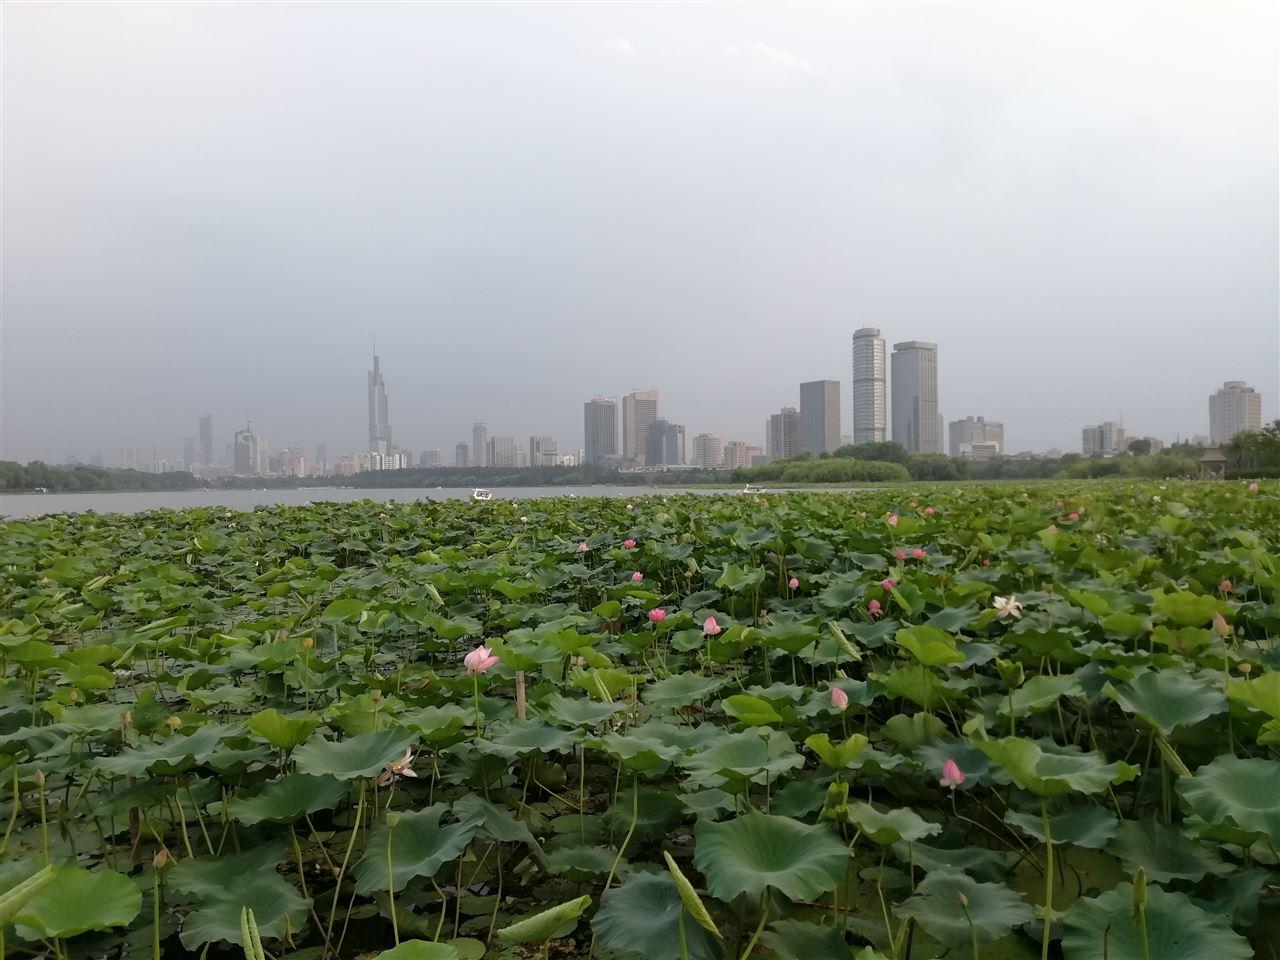 增资、签合同、成立公司 长江环保集团6月动态一览